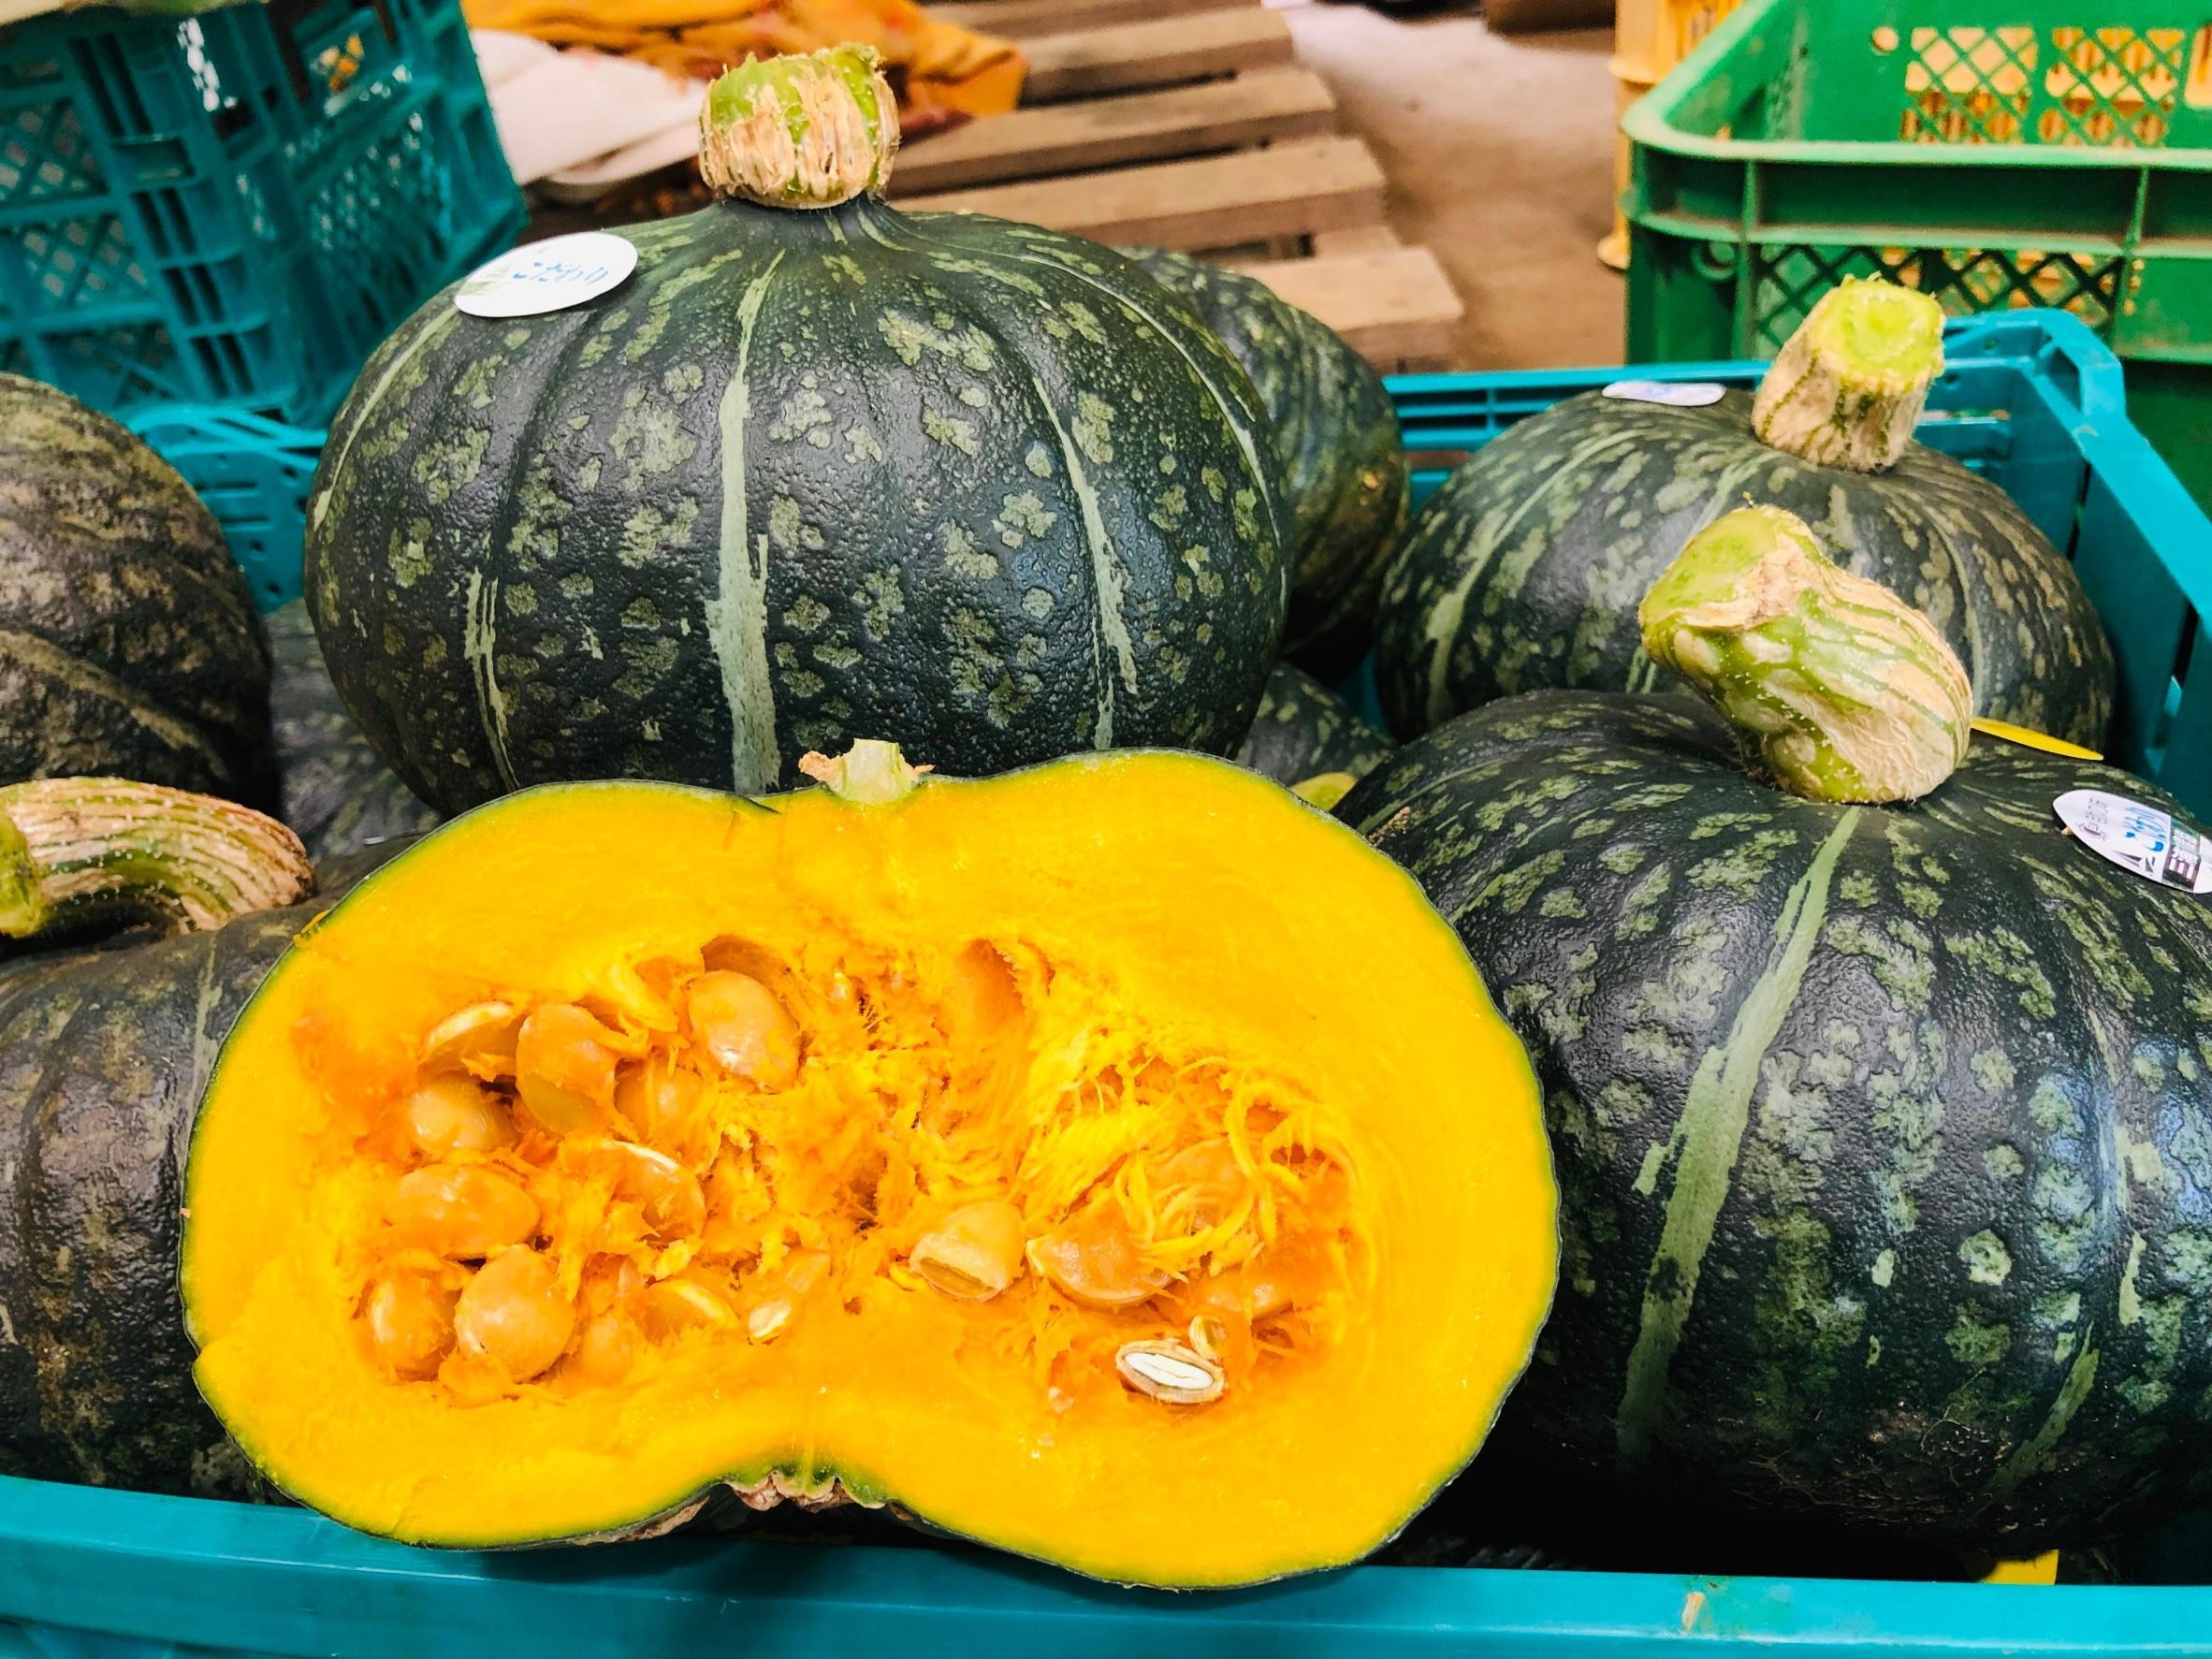 こだわり栽培のかぼちゃ、間もなく収穫が始まります!